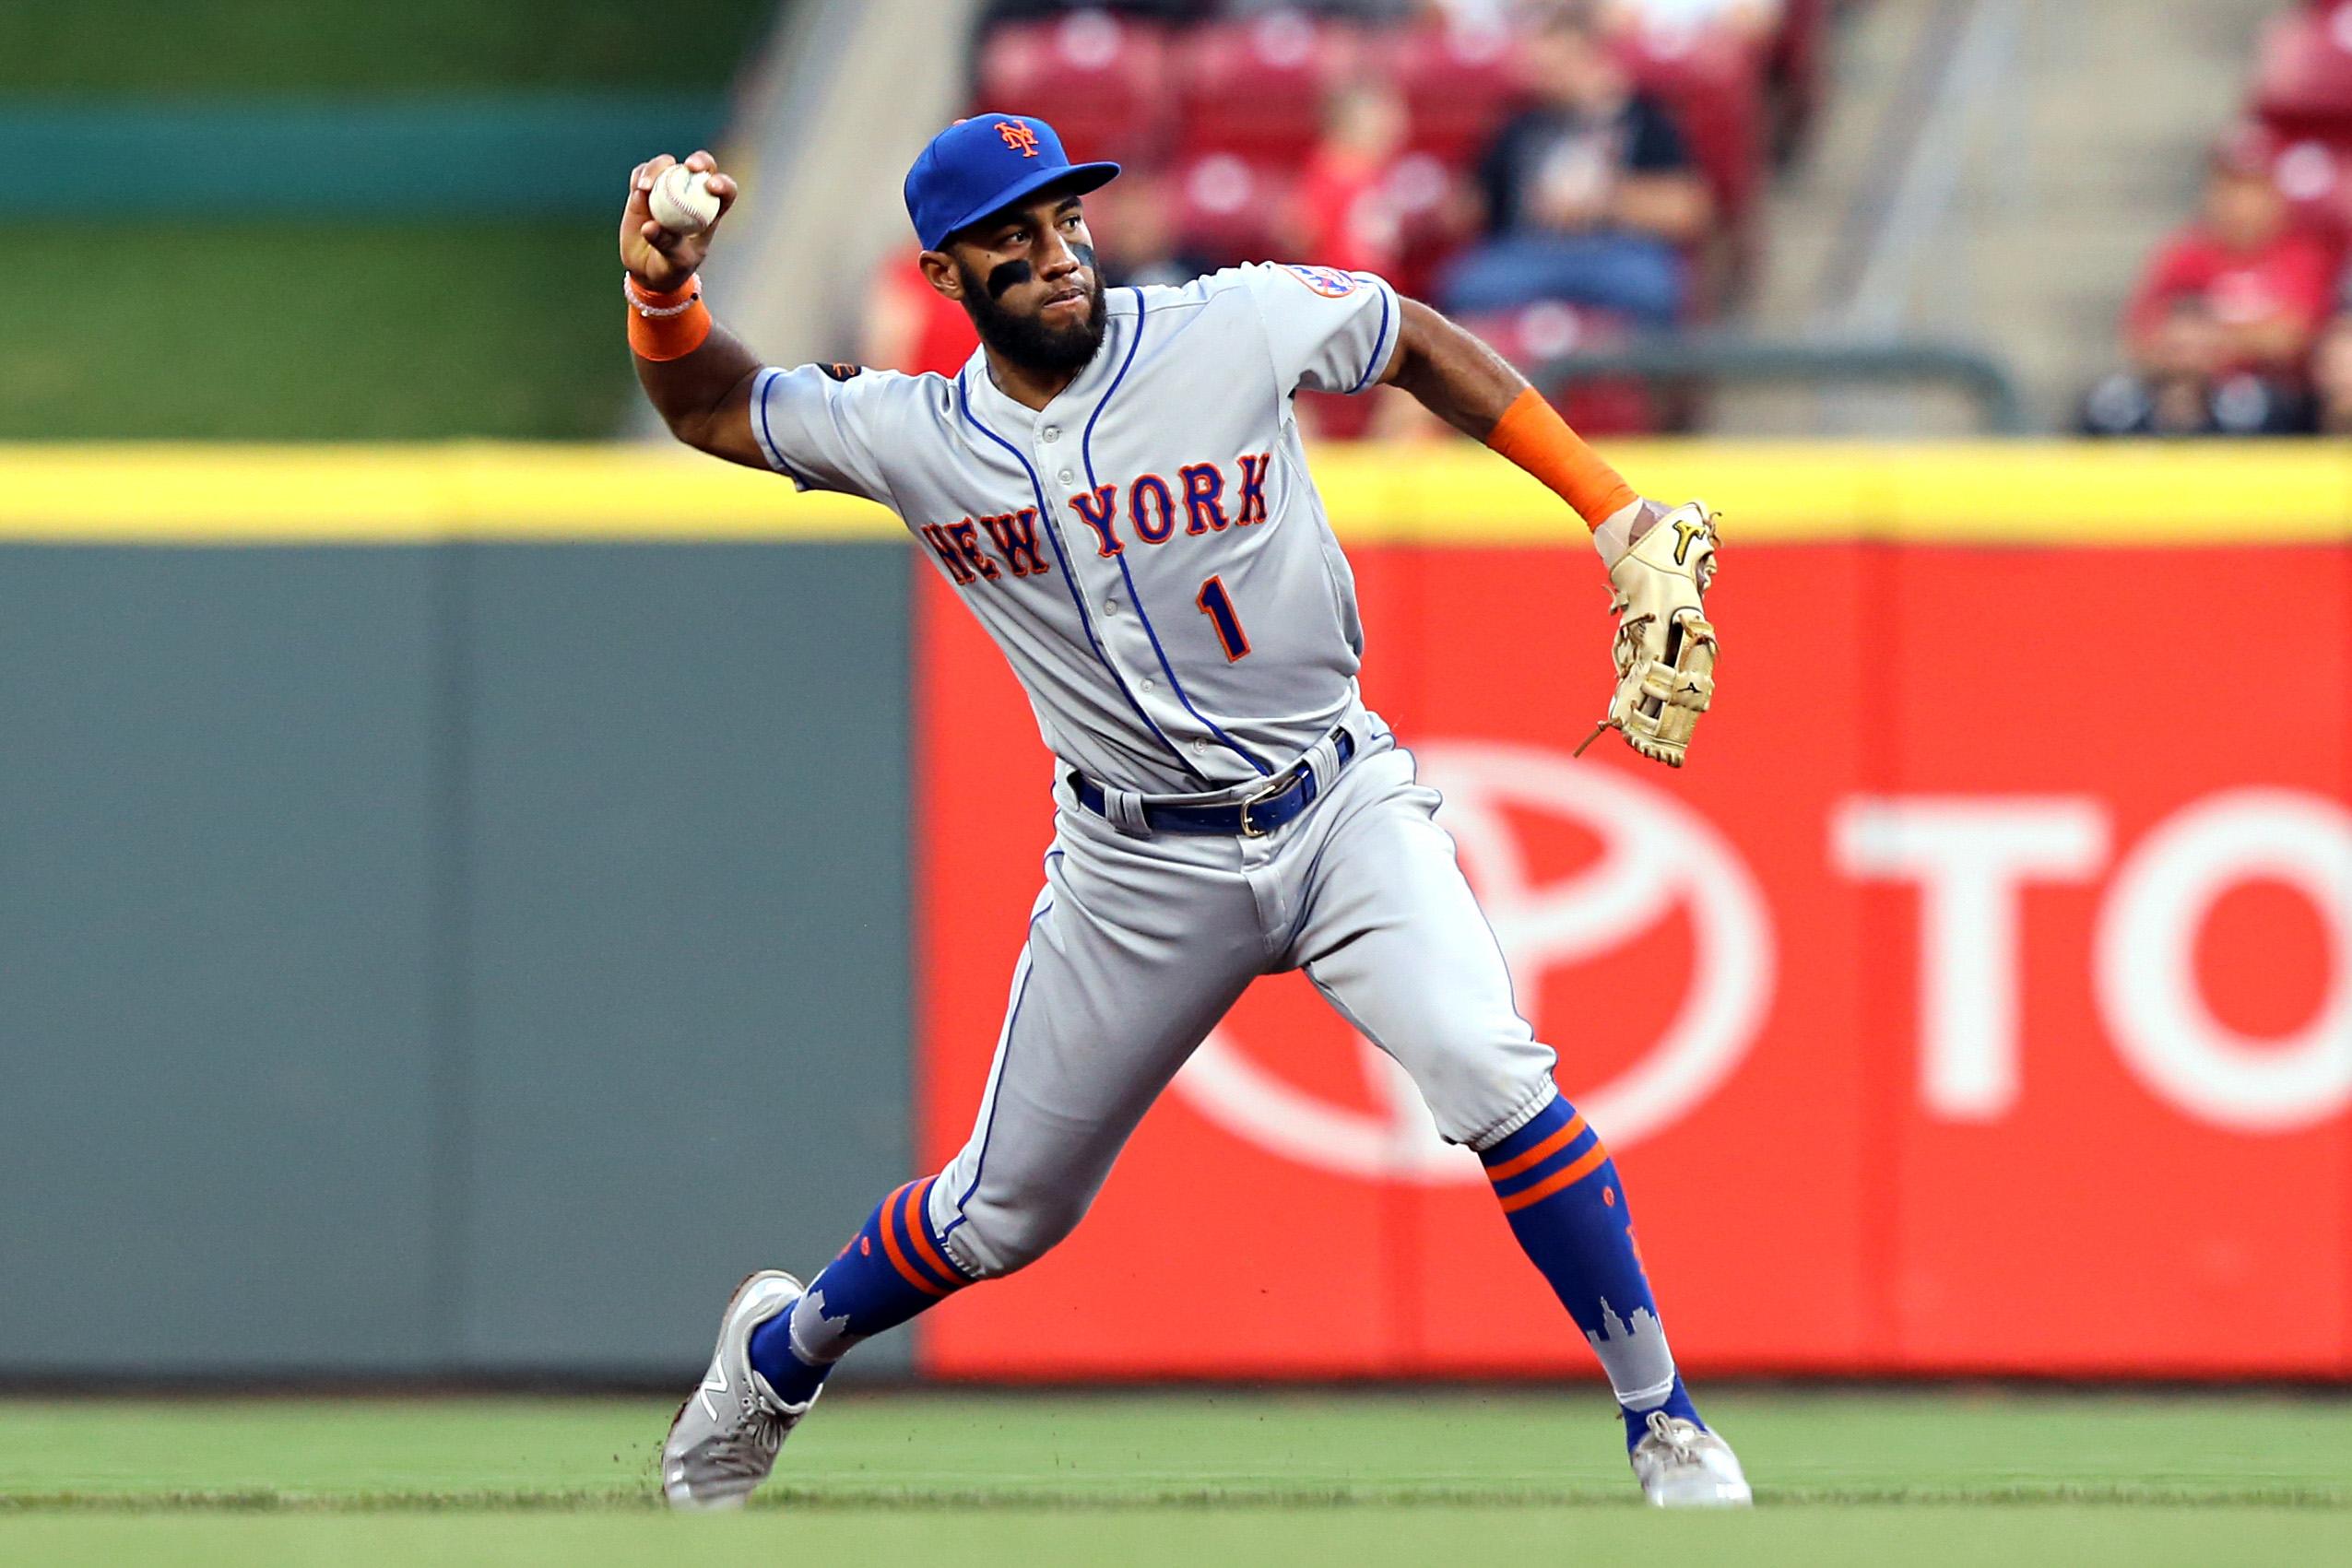 MLB: New York Mets at Cincinnati Reds